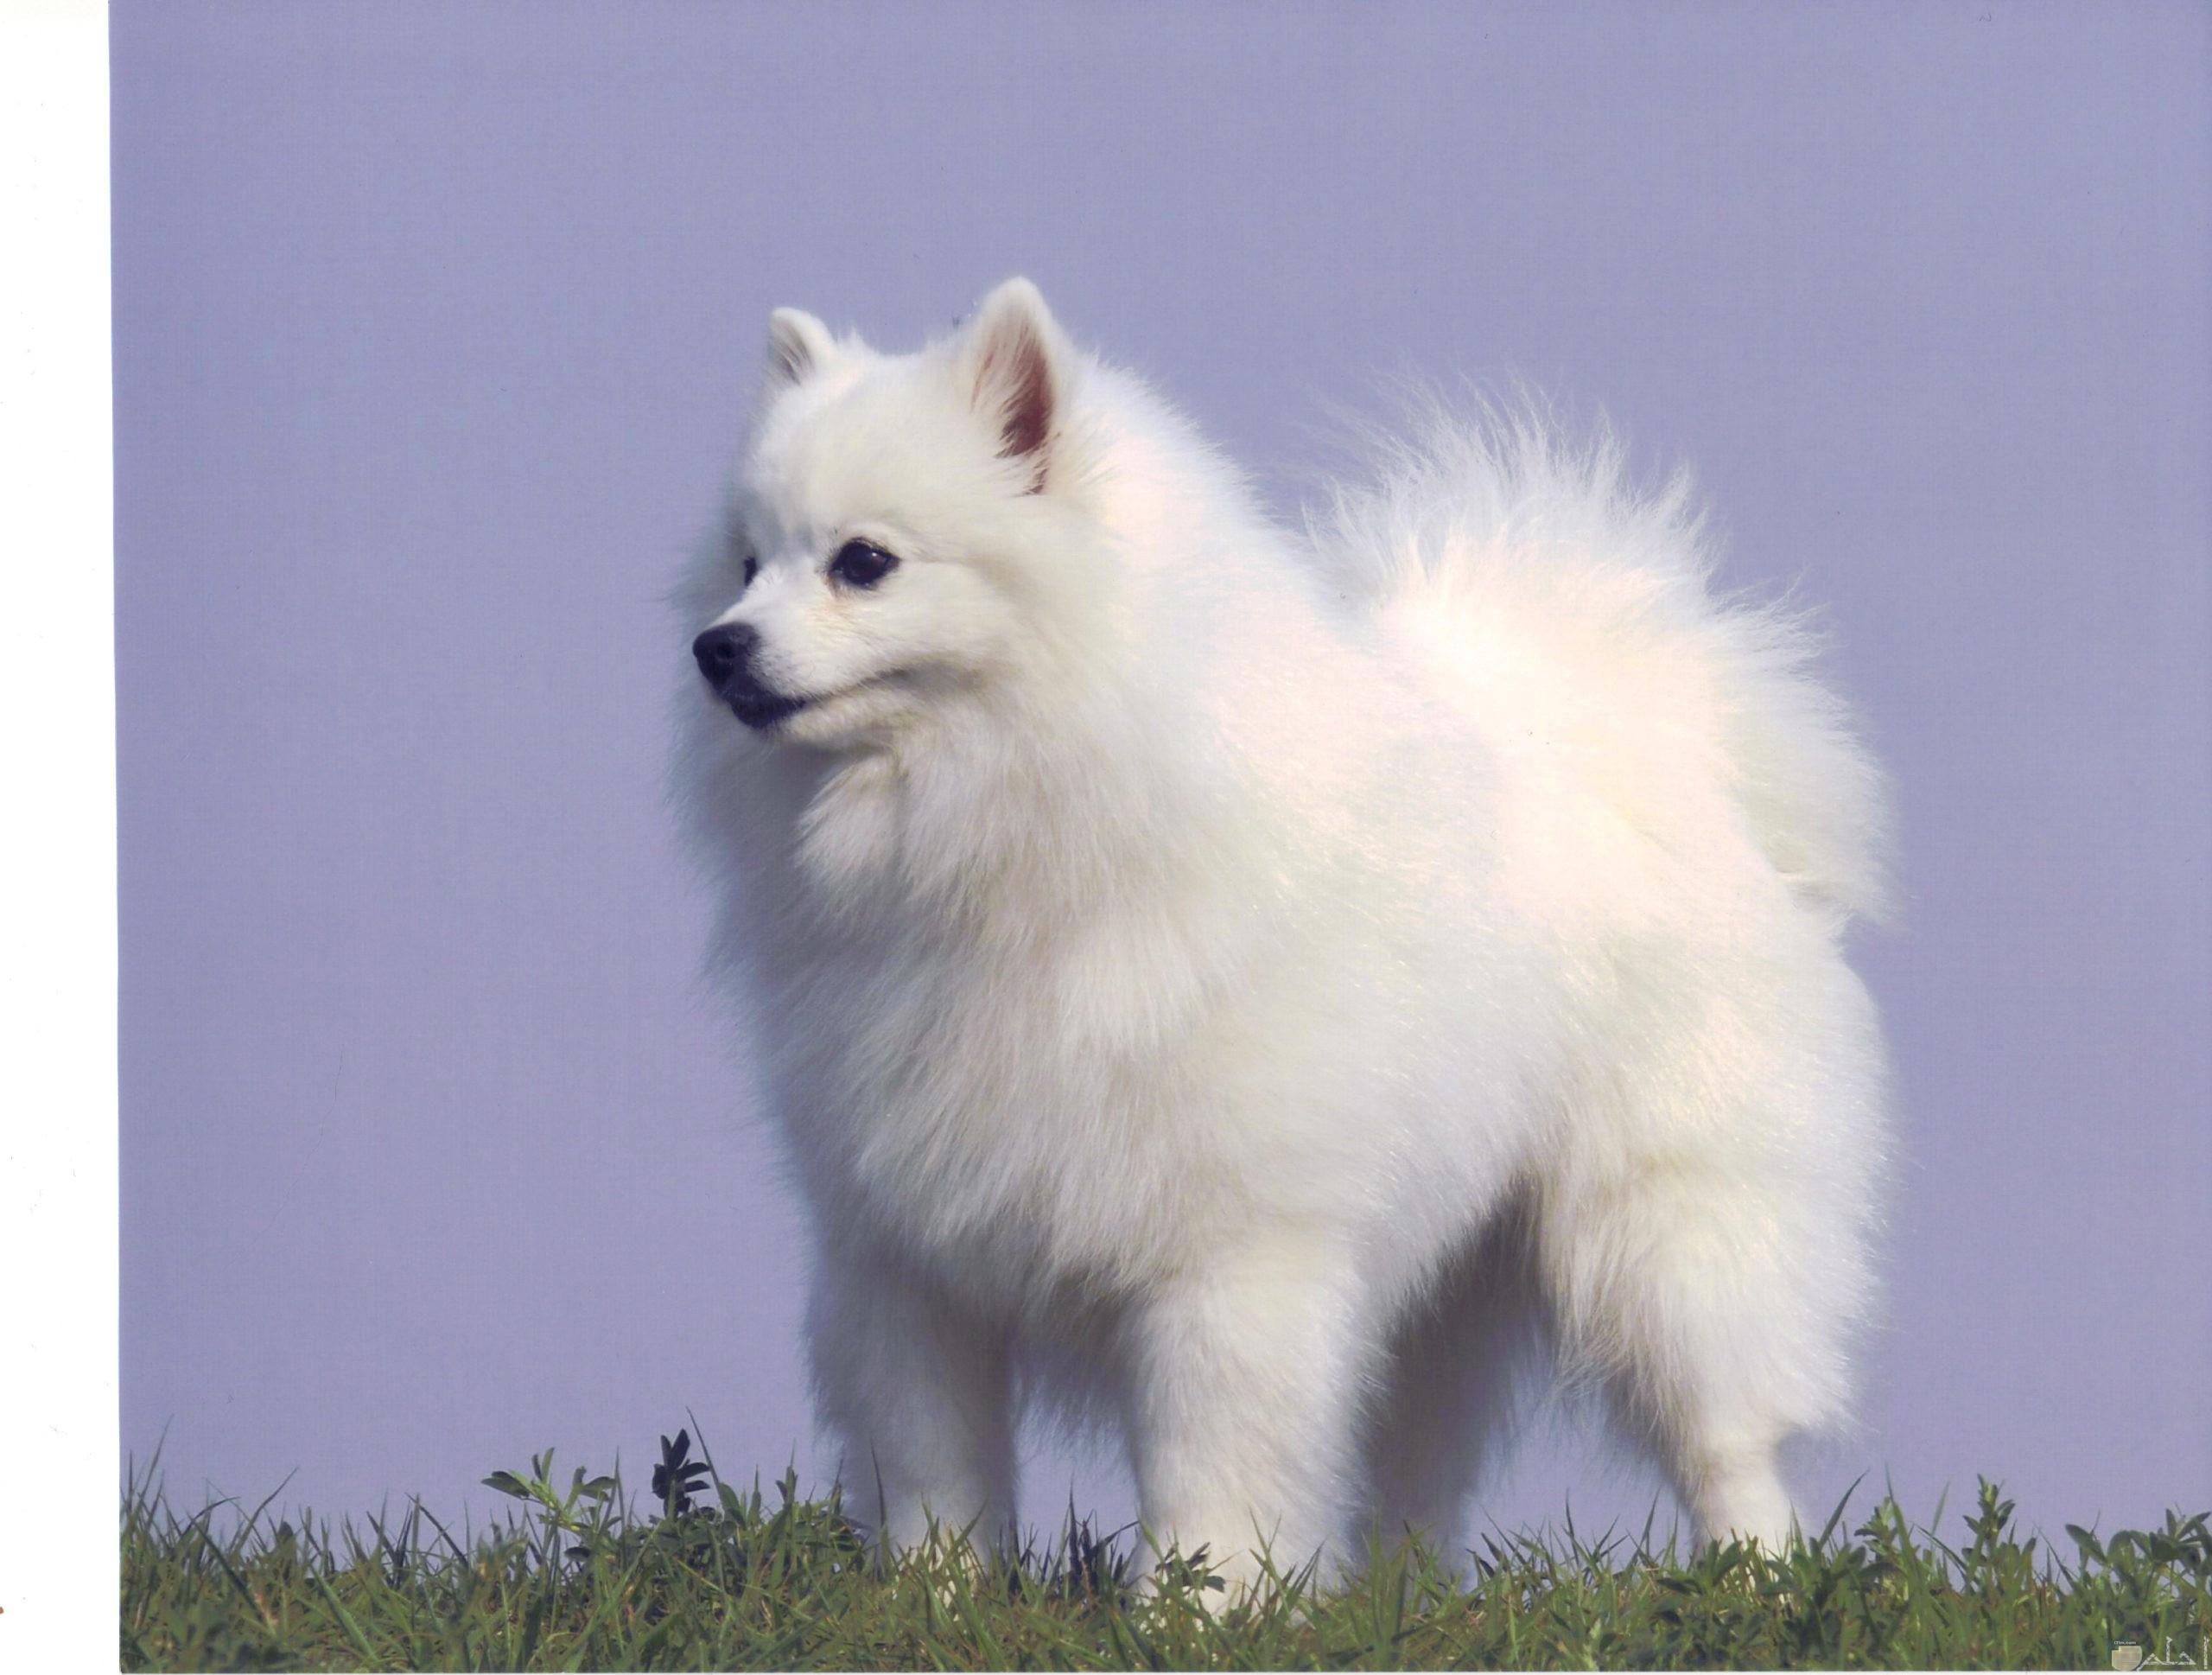 كلب لولو يقف مثل الأسد.